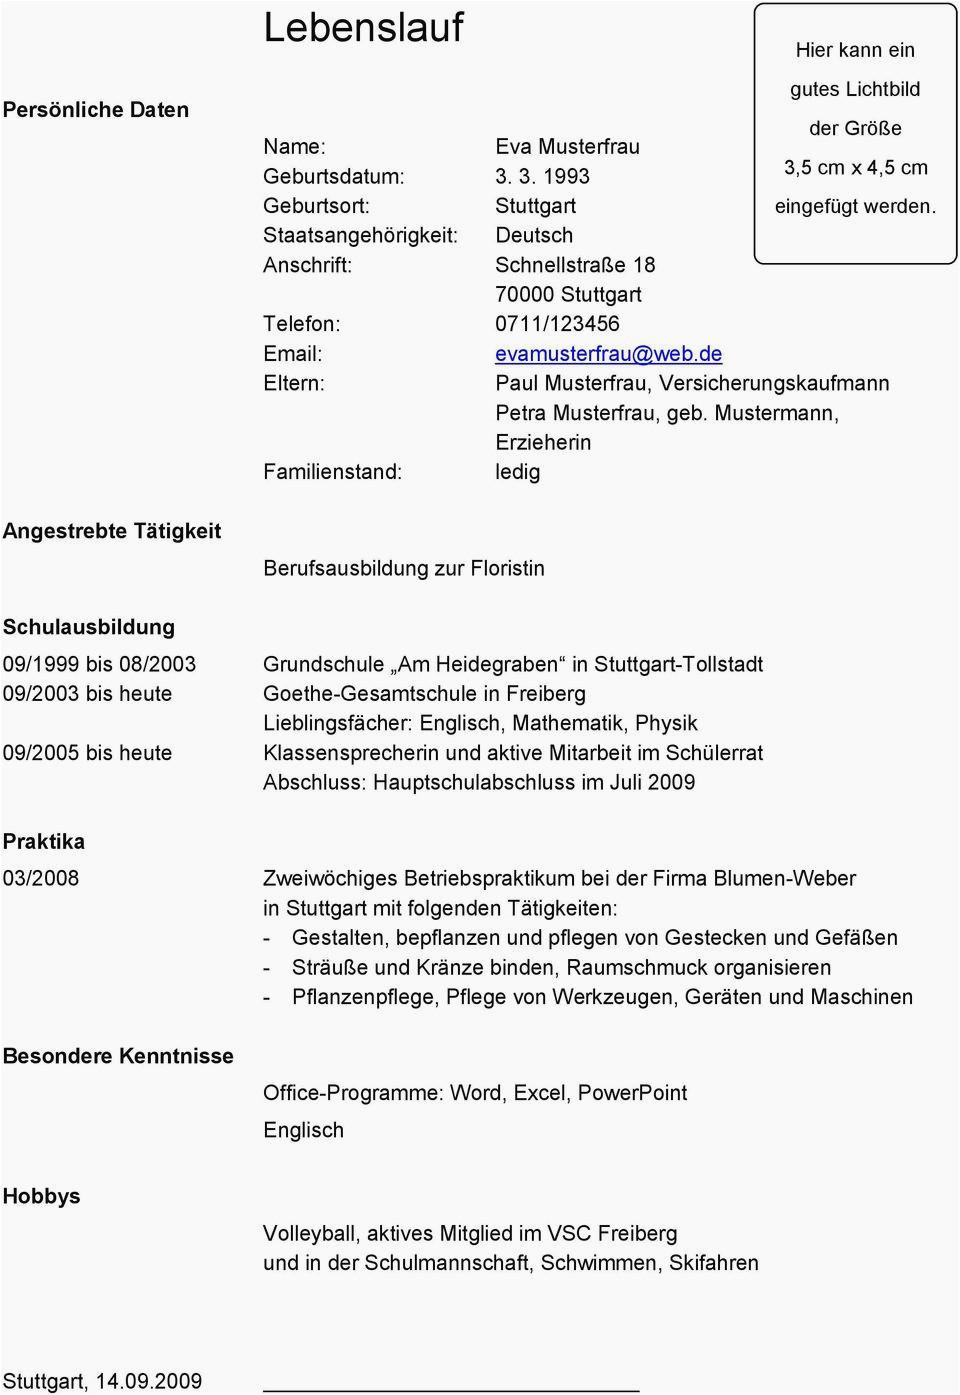 hauptschulabschluss englisch lebenslauf lebenslauf personliche daten eva musterfrau pdf free of hauptschulabschluss englisch lebenslauf